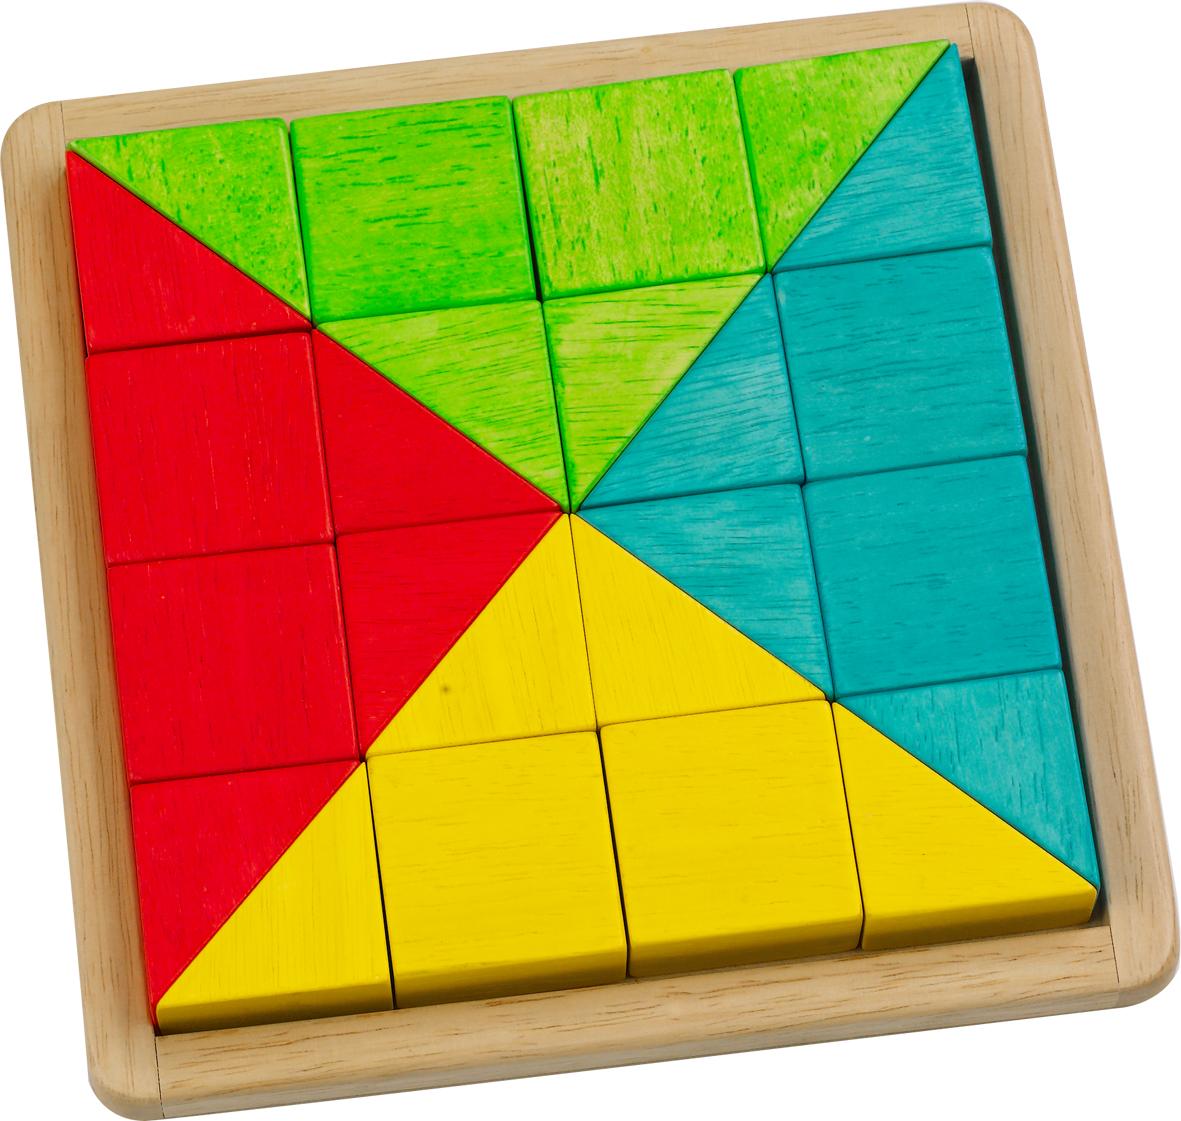 ของเล่นเสริมสร้างจินตนาการ ของเล่นฝึกสมอง กระดานไม้รูปทรงพื้นฐาน